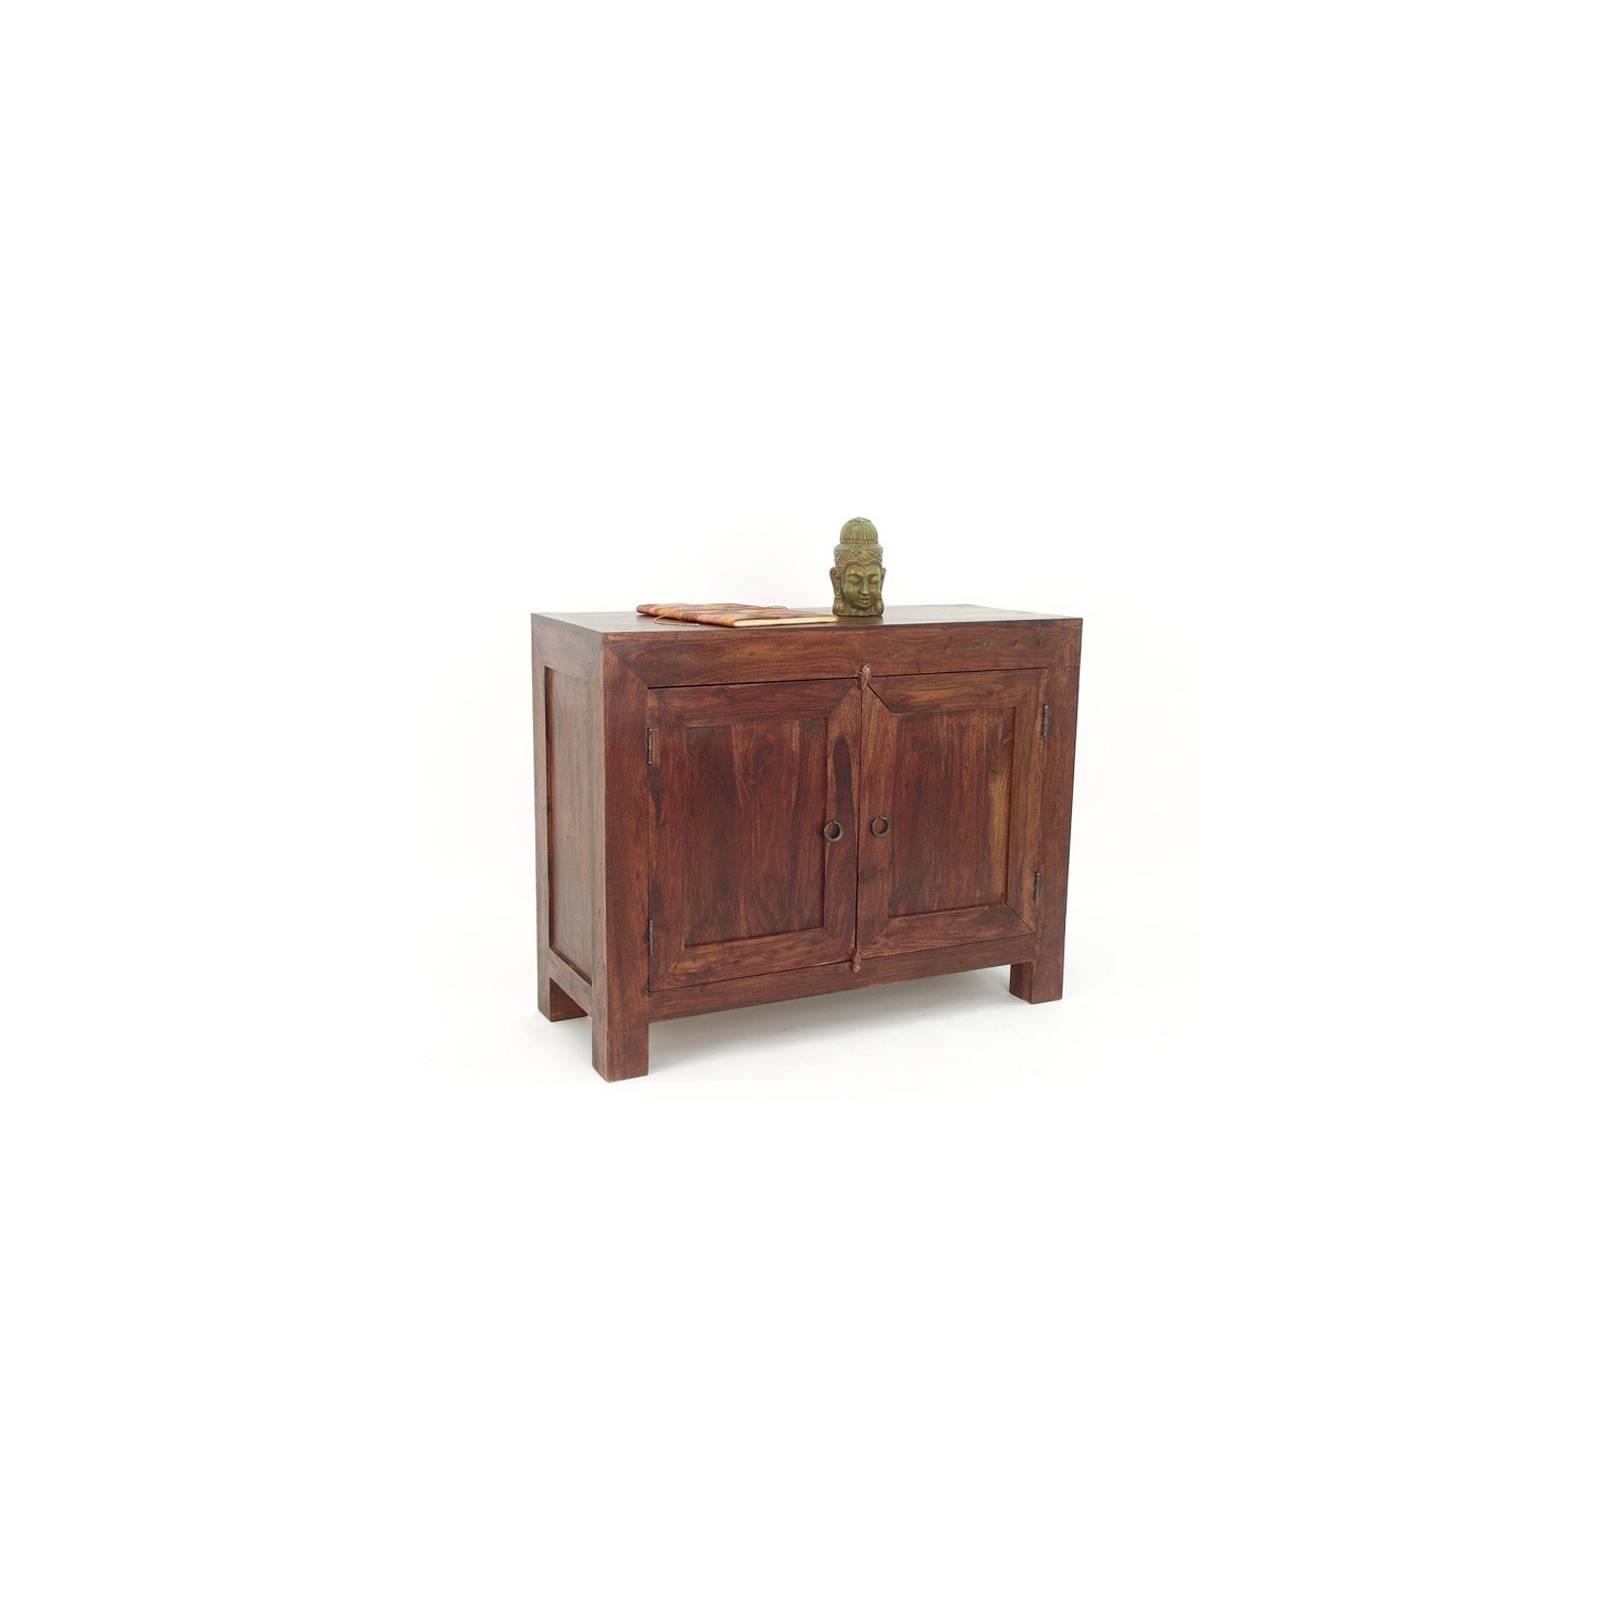 Bahut Palissandre Zen - meubles bois exotique